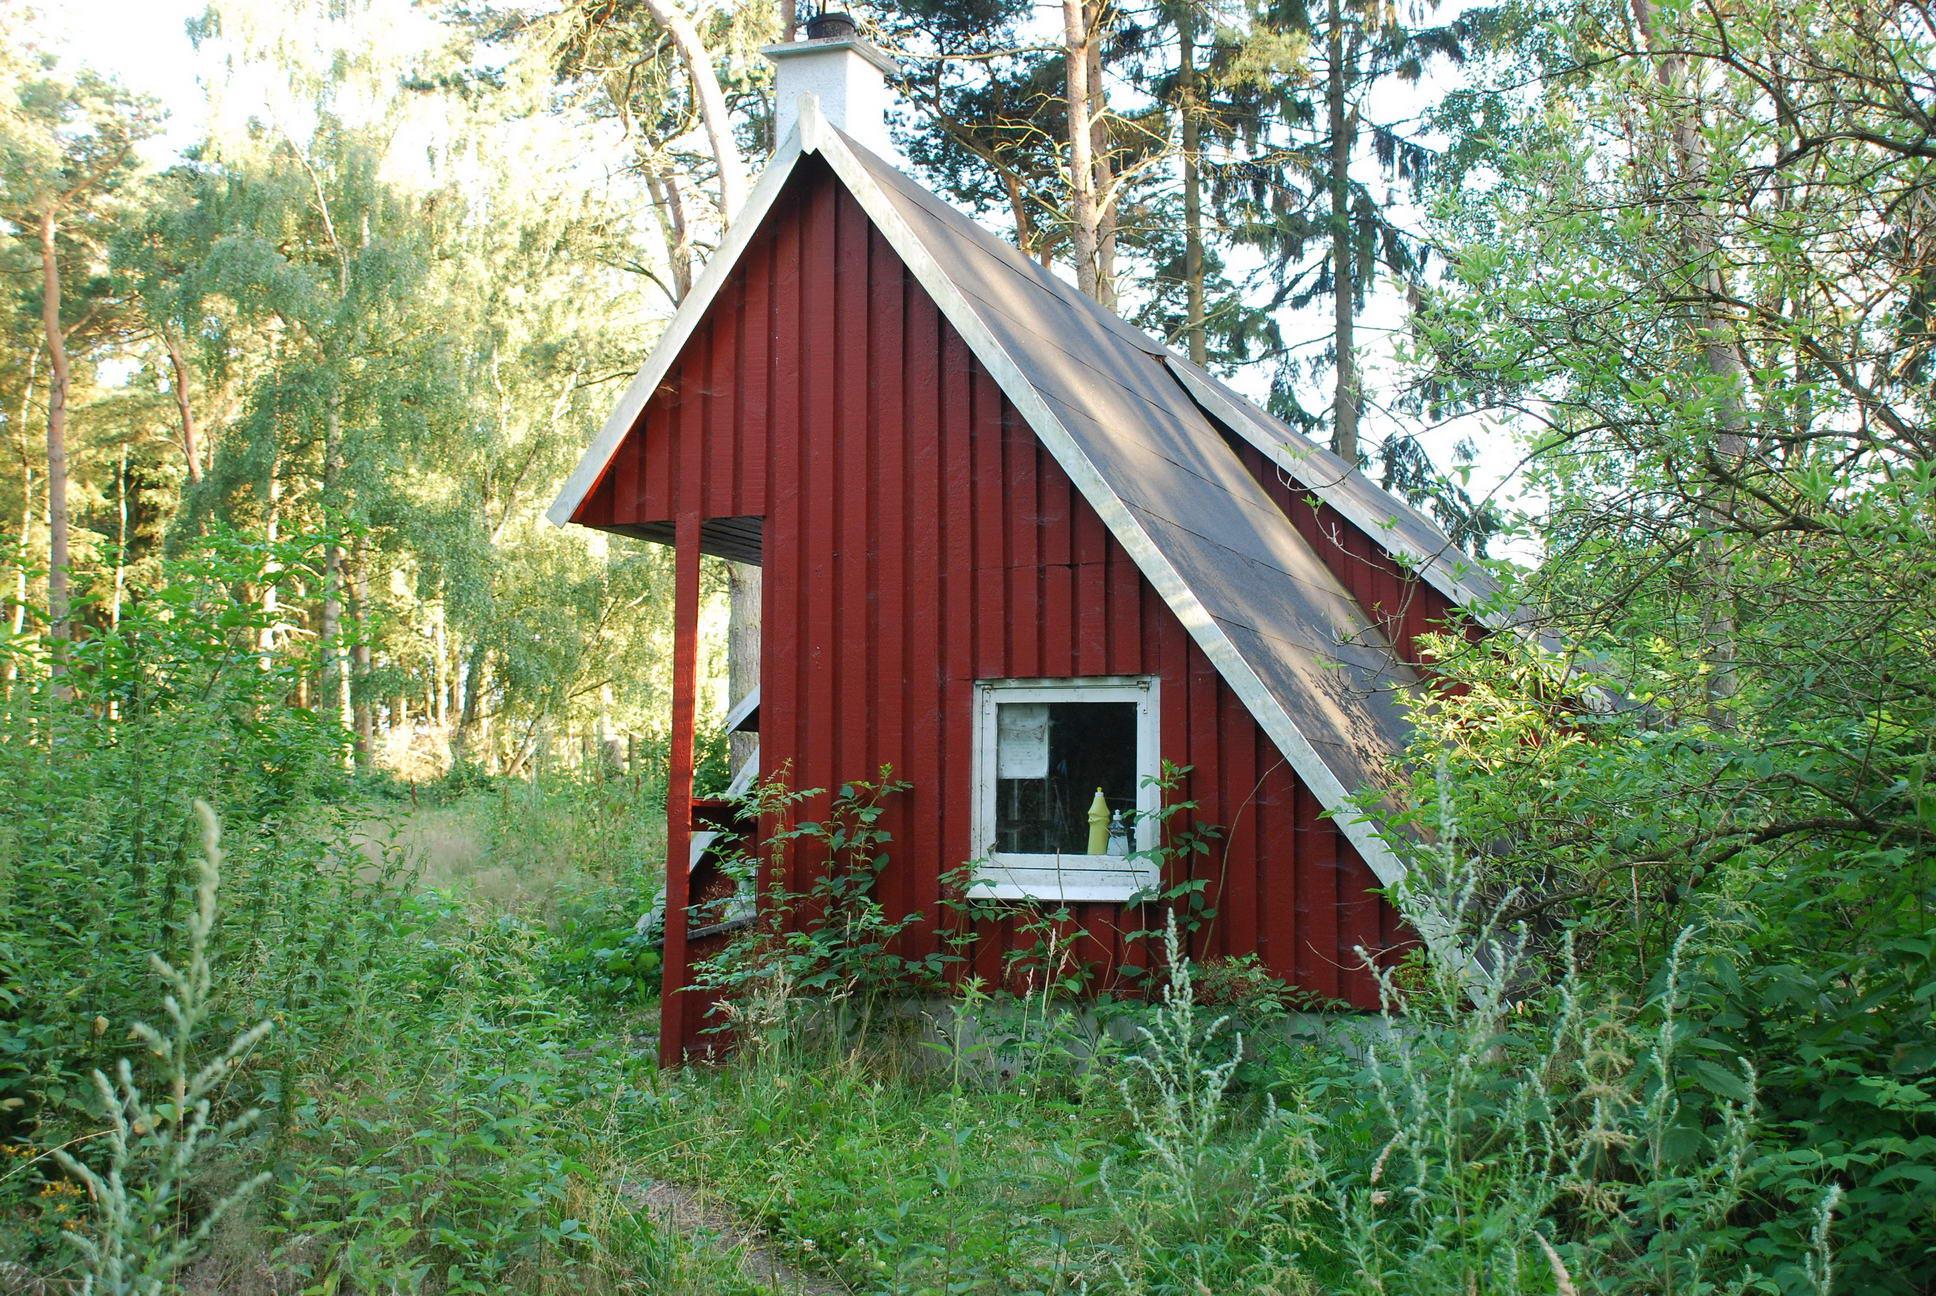 dbs hytte foto 023.jpg